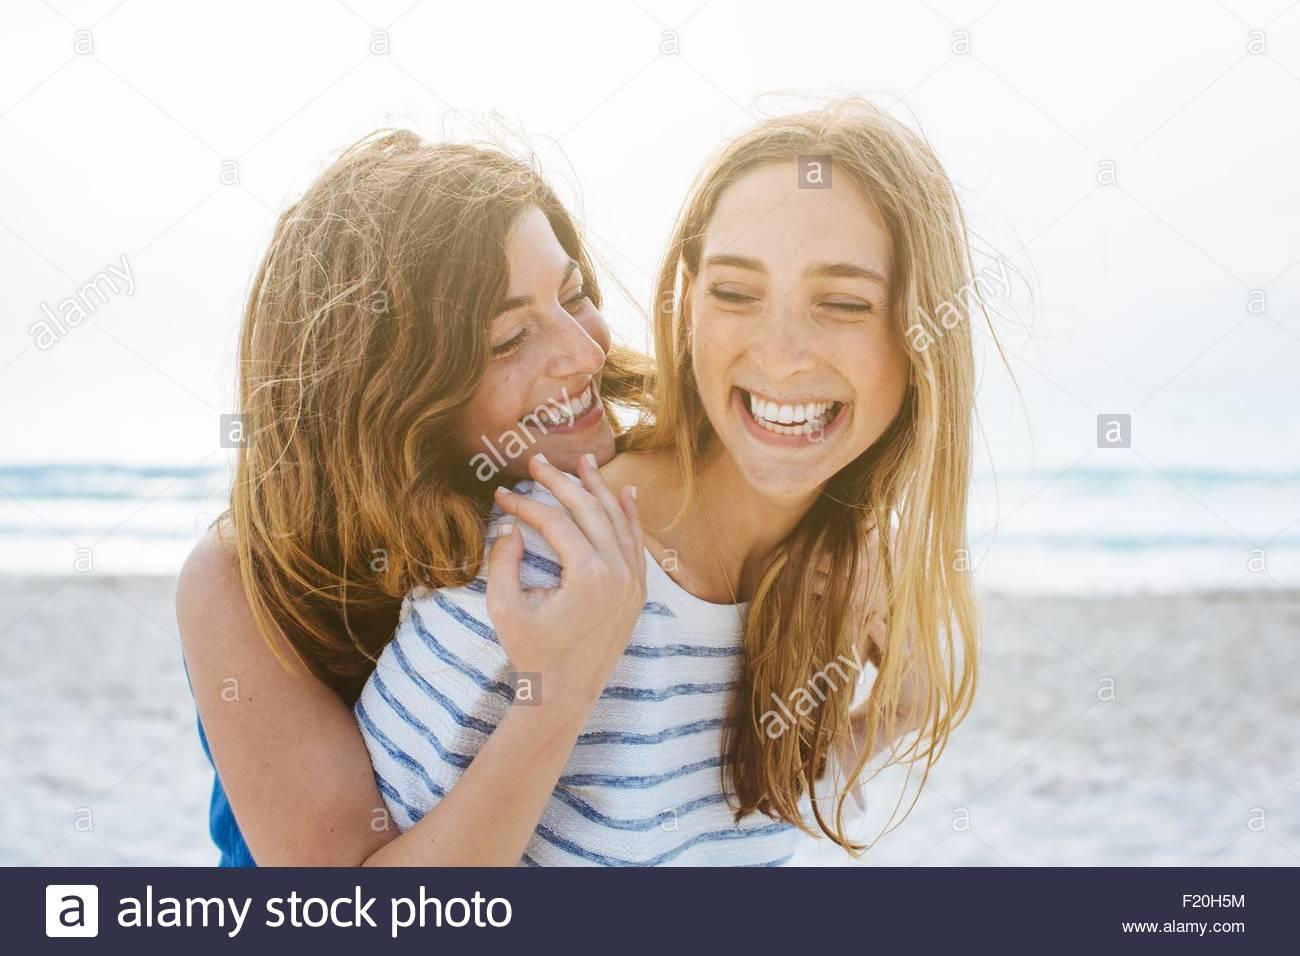 Laughing immagini laughing fotos stock alamy - Sesso sfrenato sul divano ...